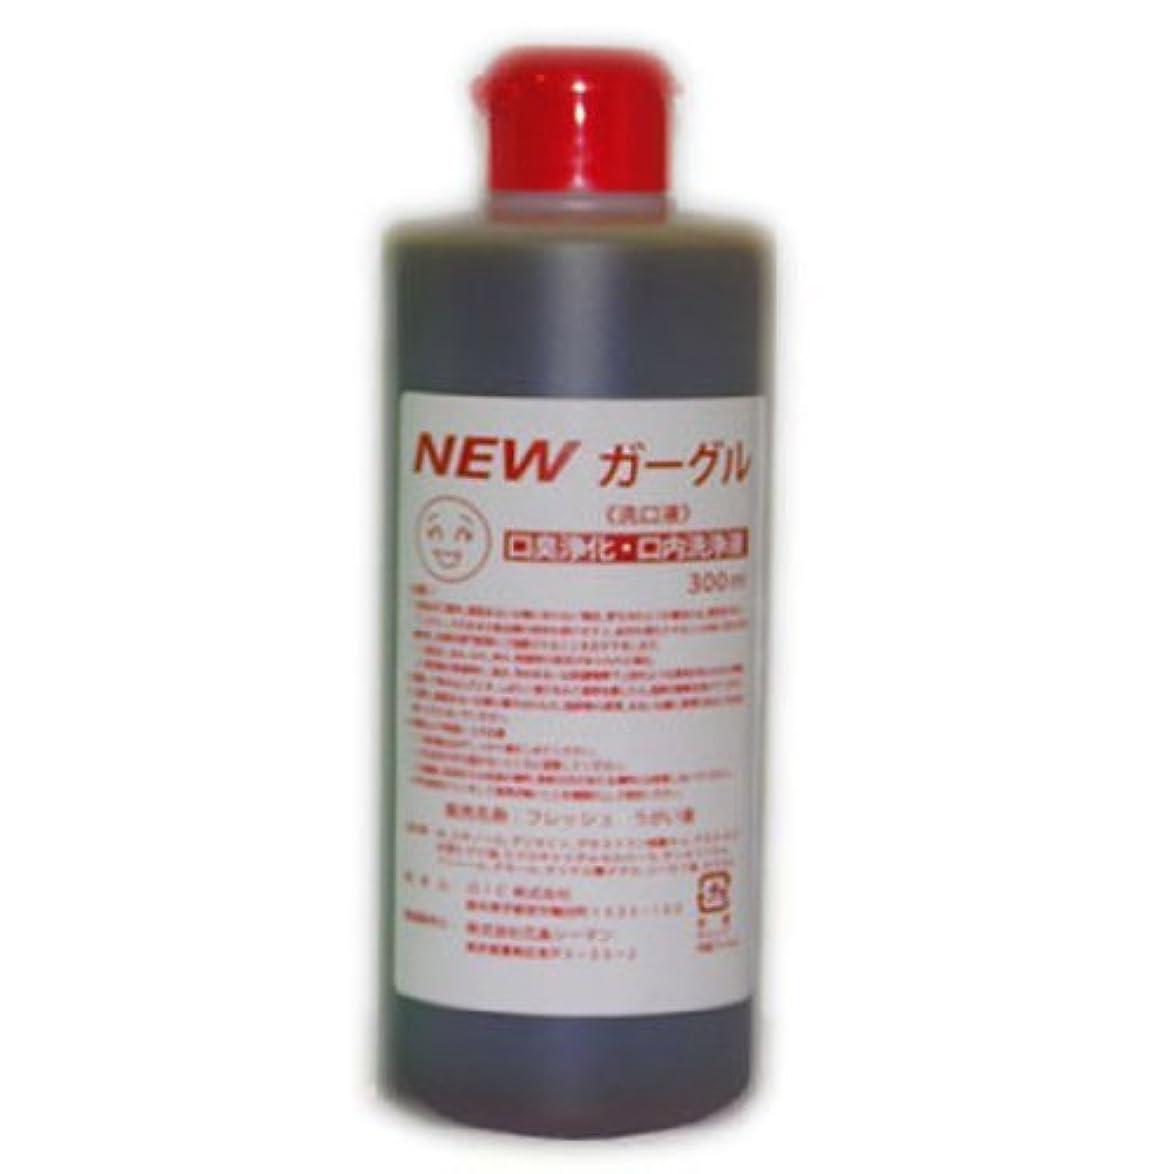 承認猛烈な容器フレッシュうがい液 マウスウォッシュ NEWガーグル 300ml 25倍濃縮お得タイプ(セット商品) (ブラウン10本セット)